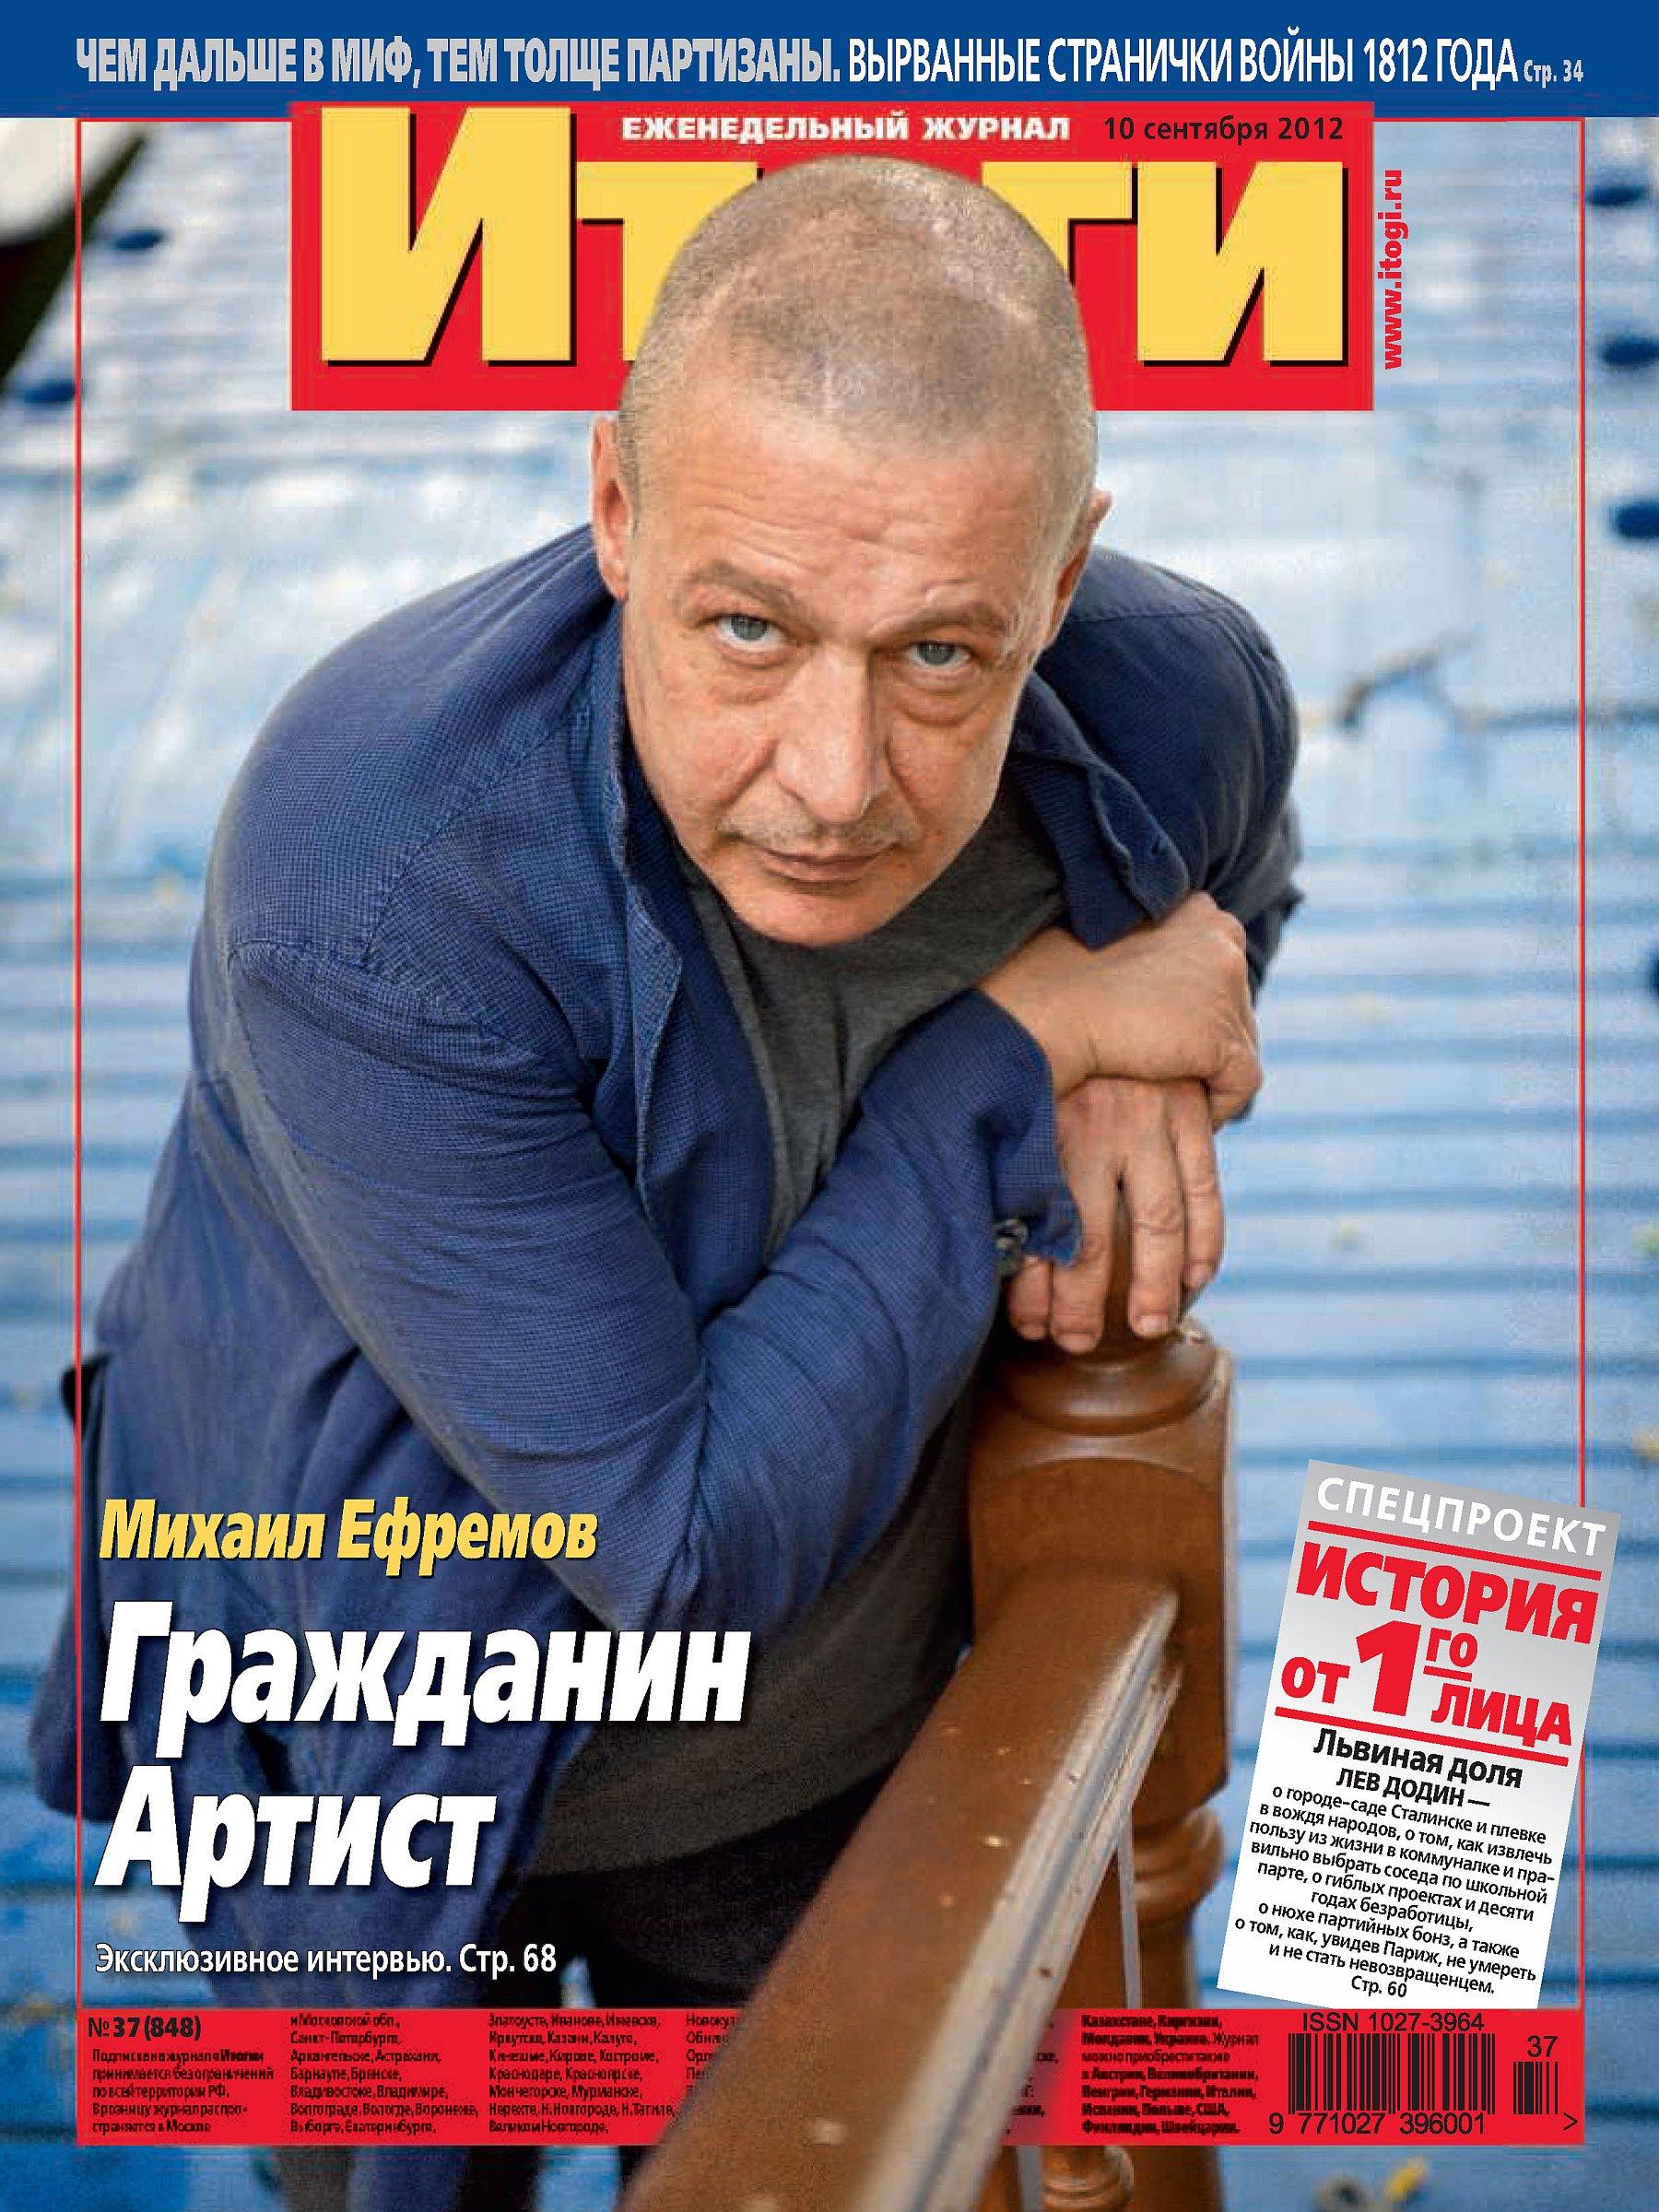 Журнал «Итоги» №37 (848) 2012